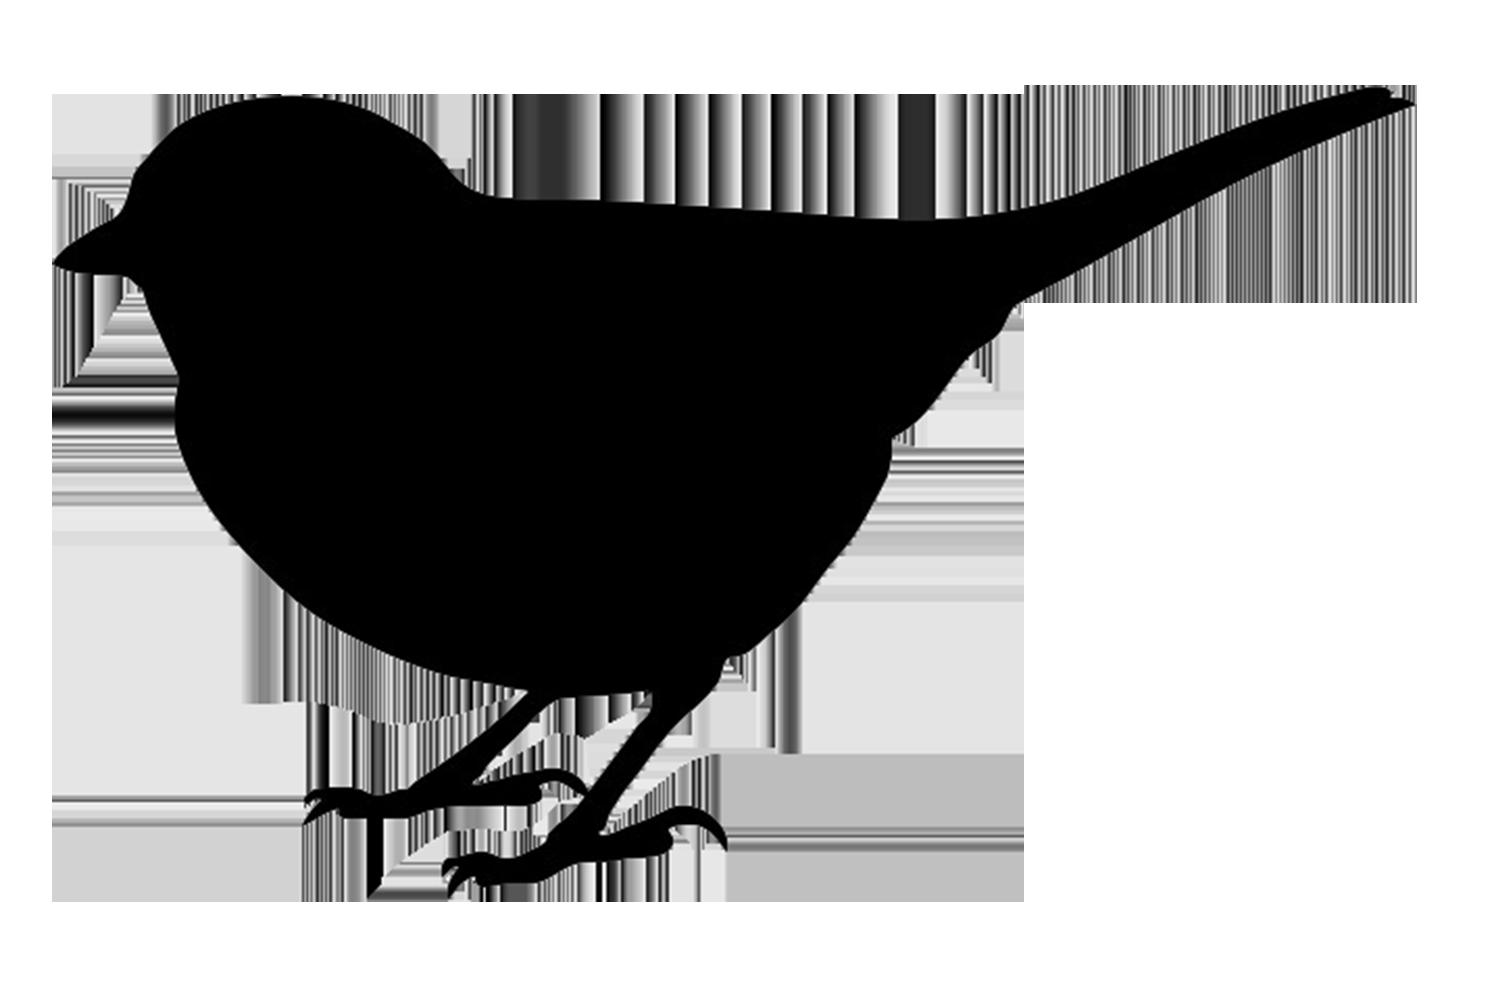 jackdaw silhouette, small bird black silhouette